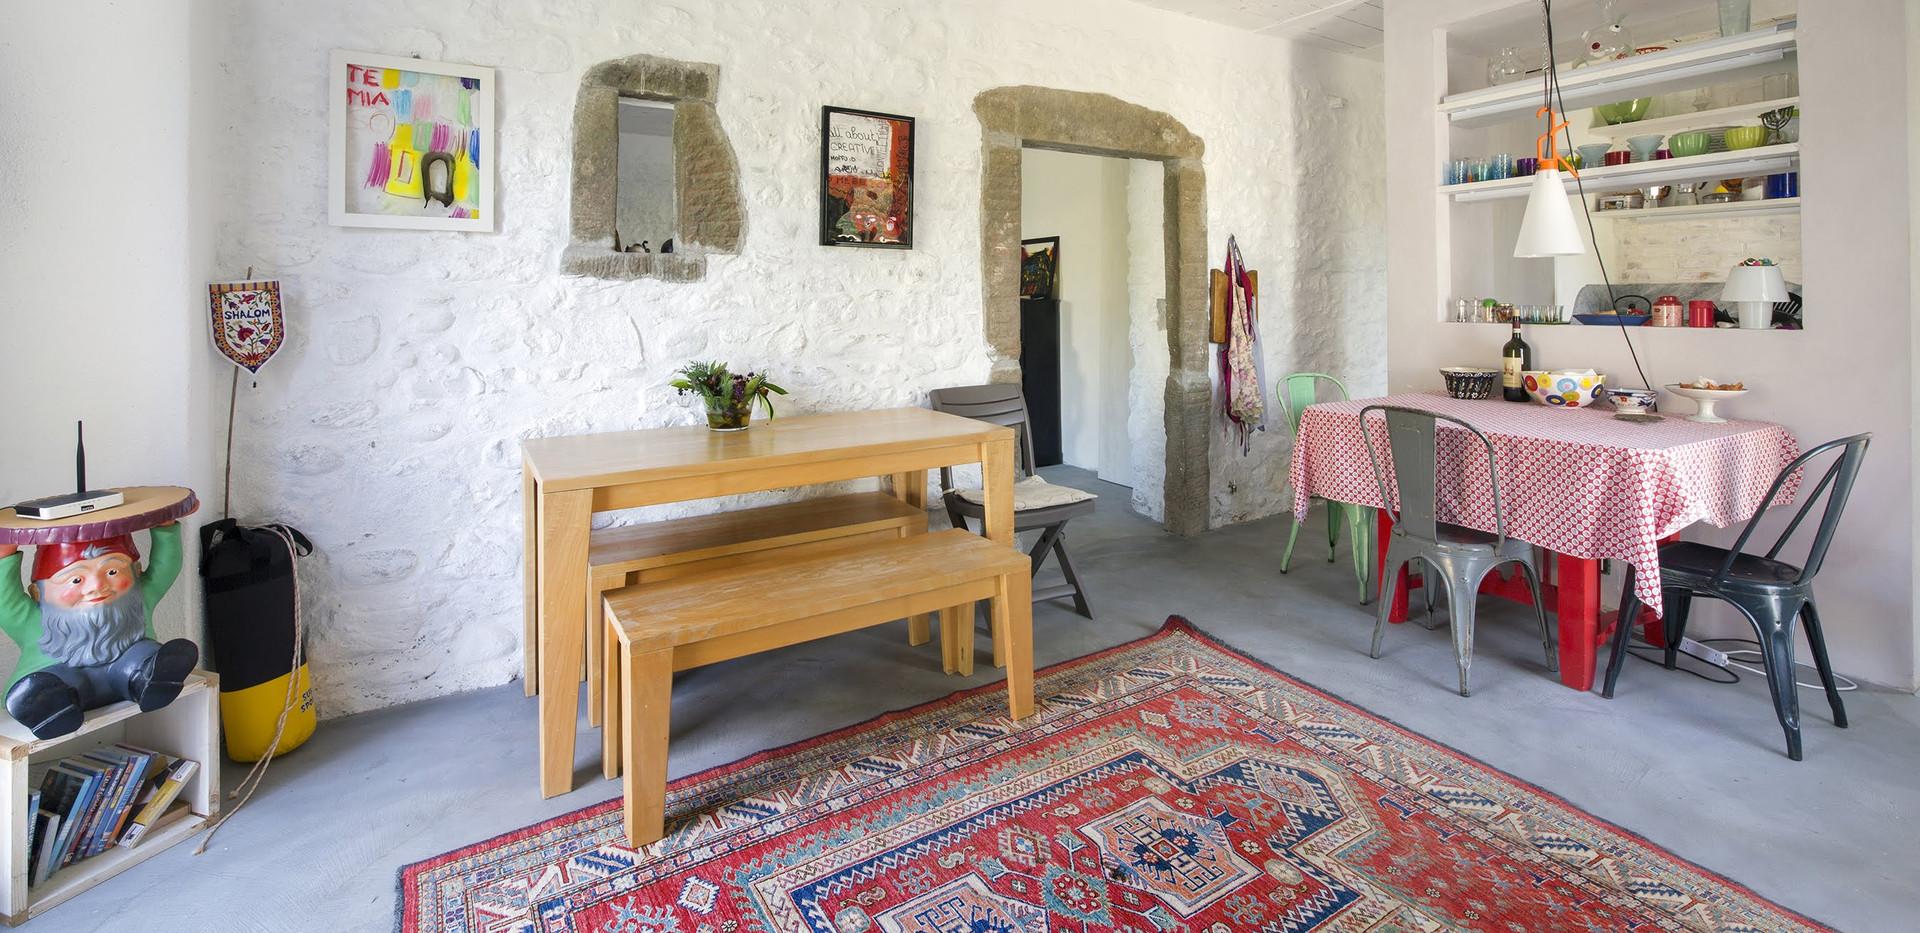 Casa Rubina3.jpg